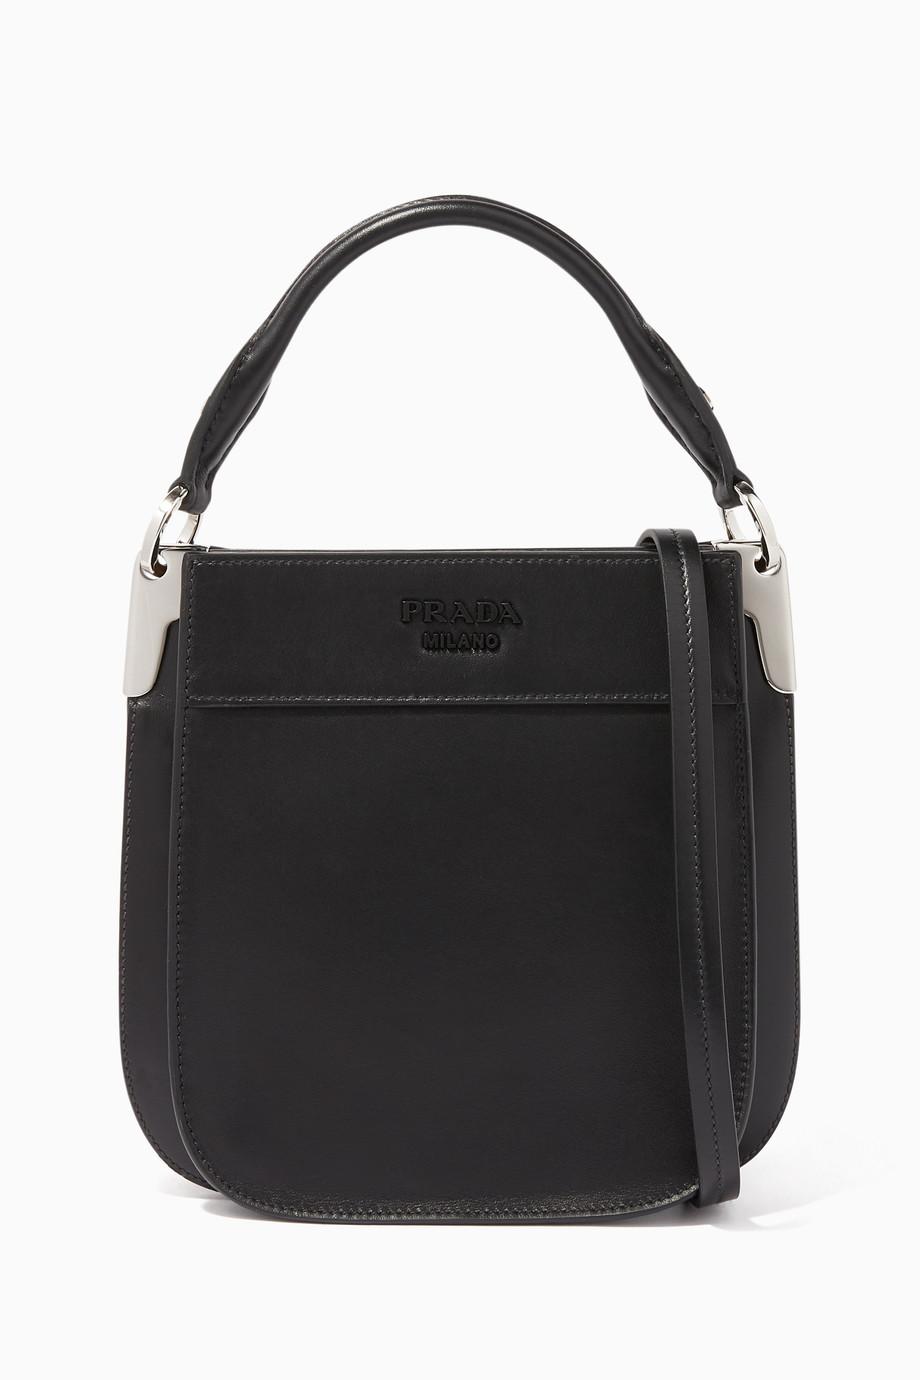 d2402ca1e7d9 Shop Prada Black Small Saffiano Margit Bucket Bag for Women   Ounass UAE